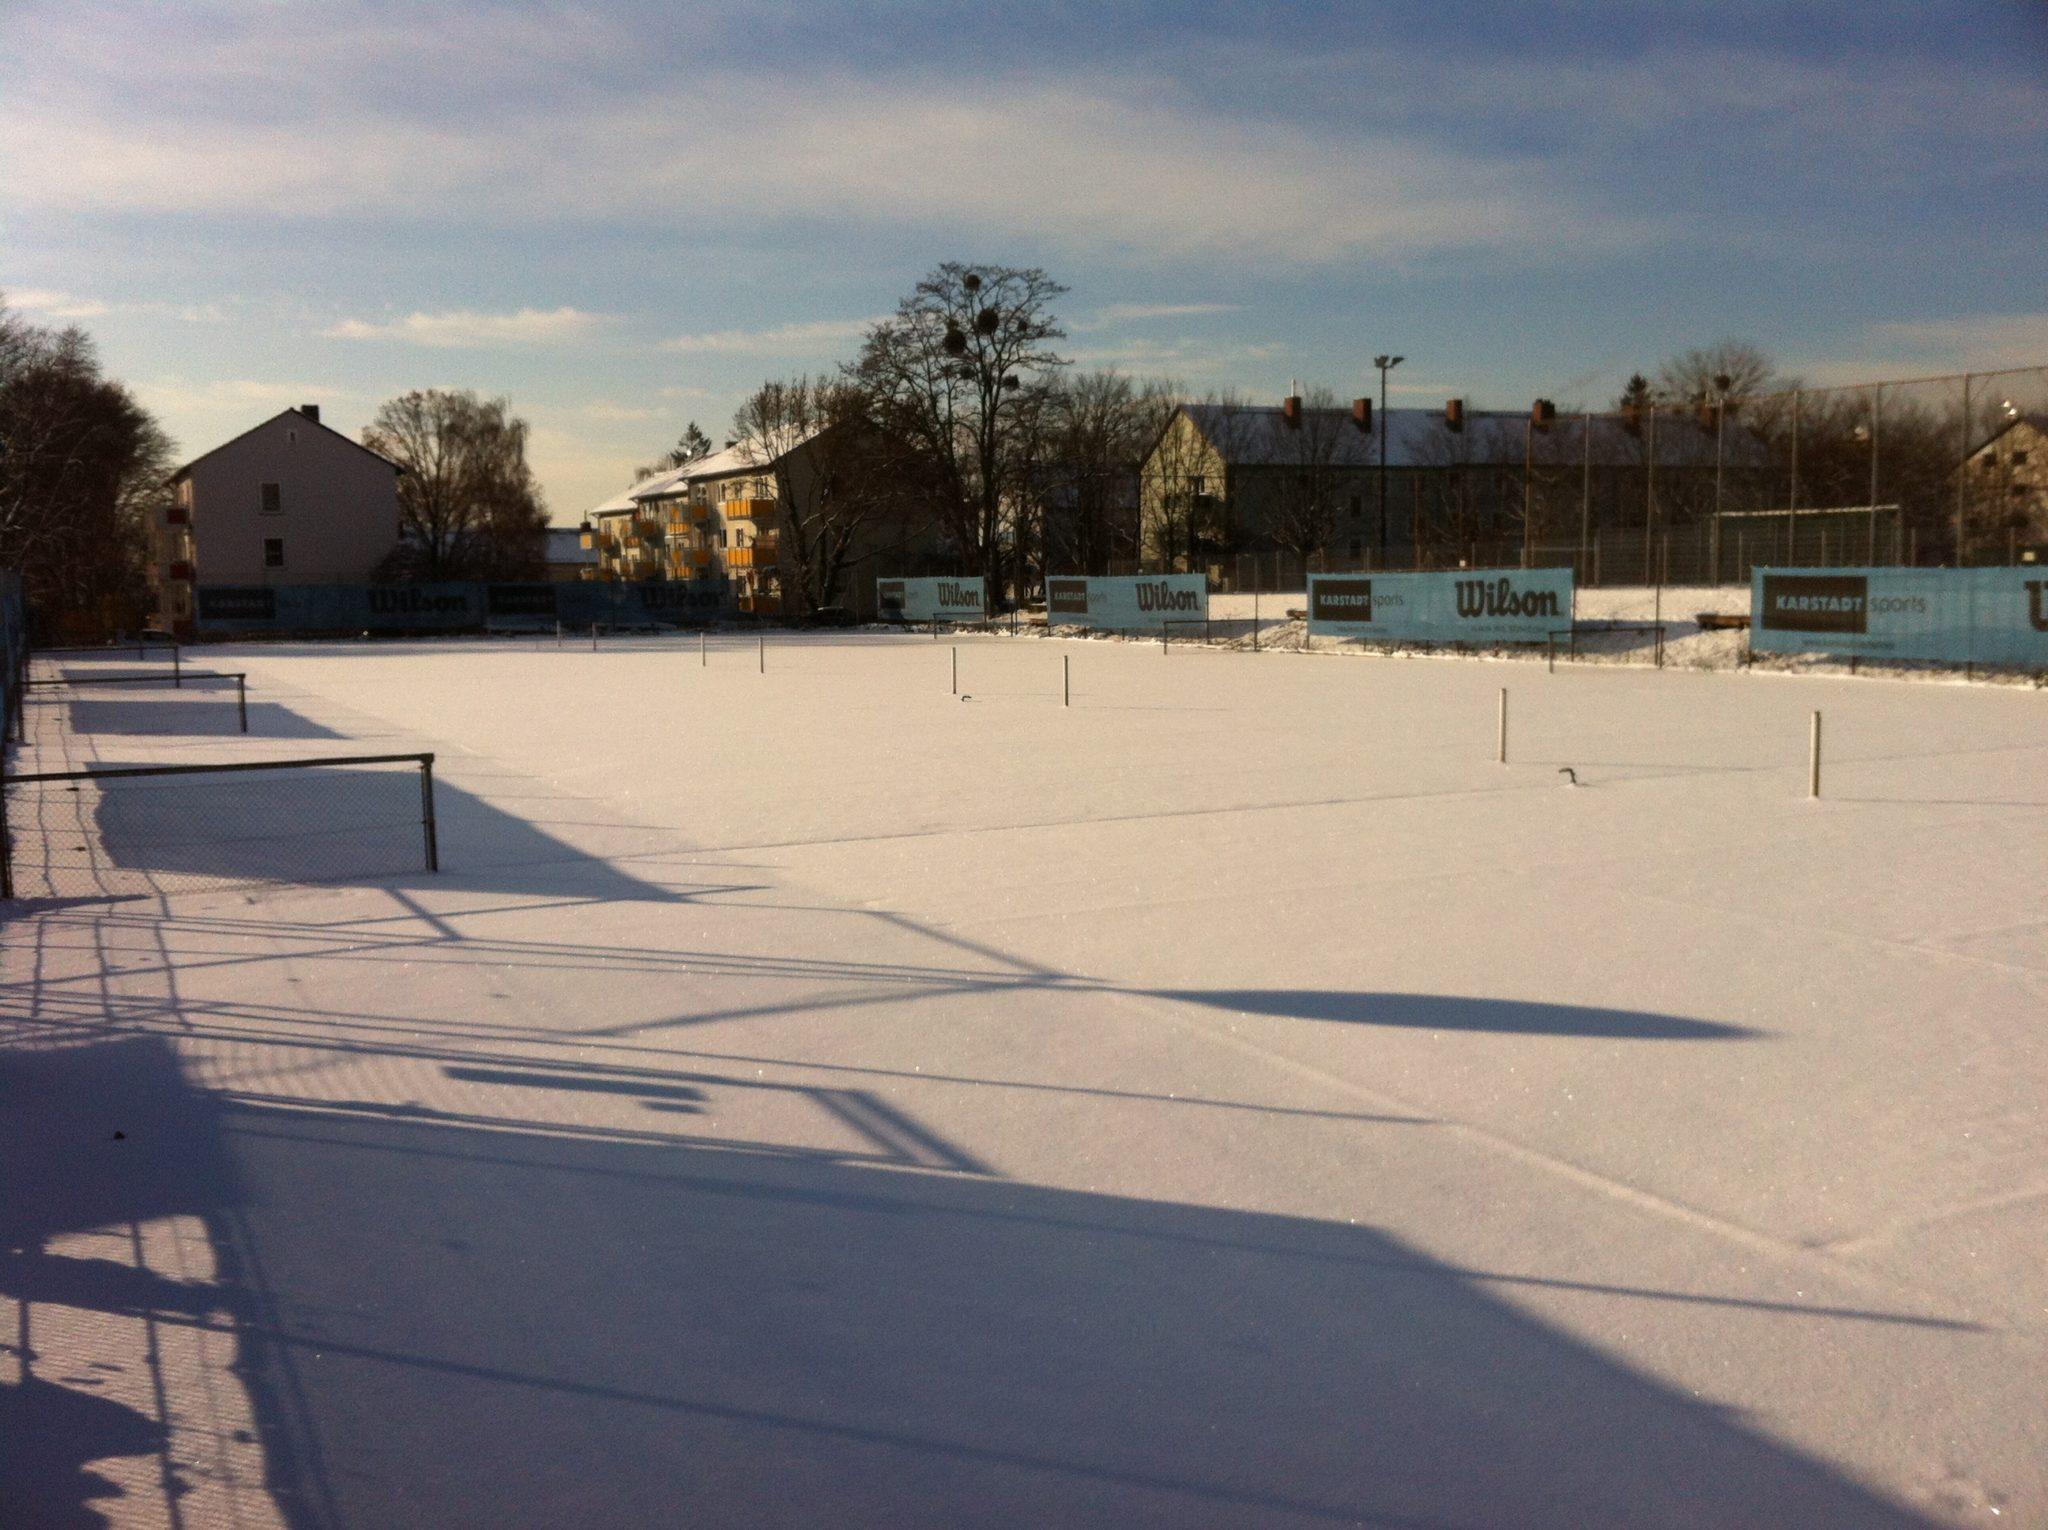 VfR Tennisanlage im Schnee